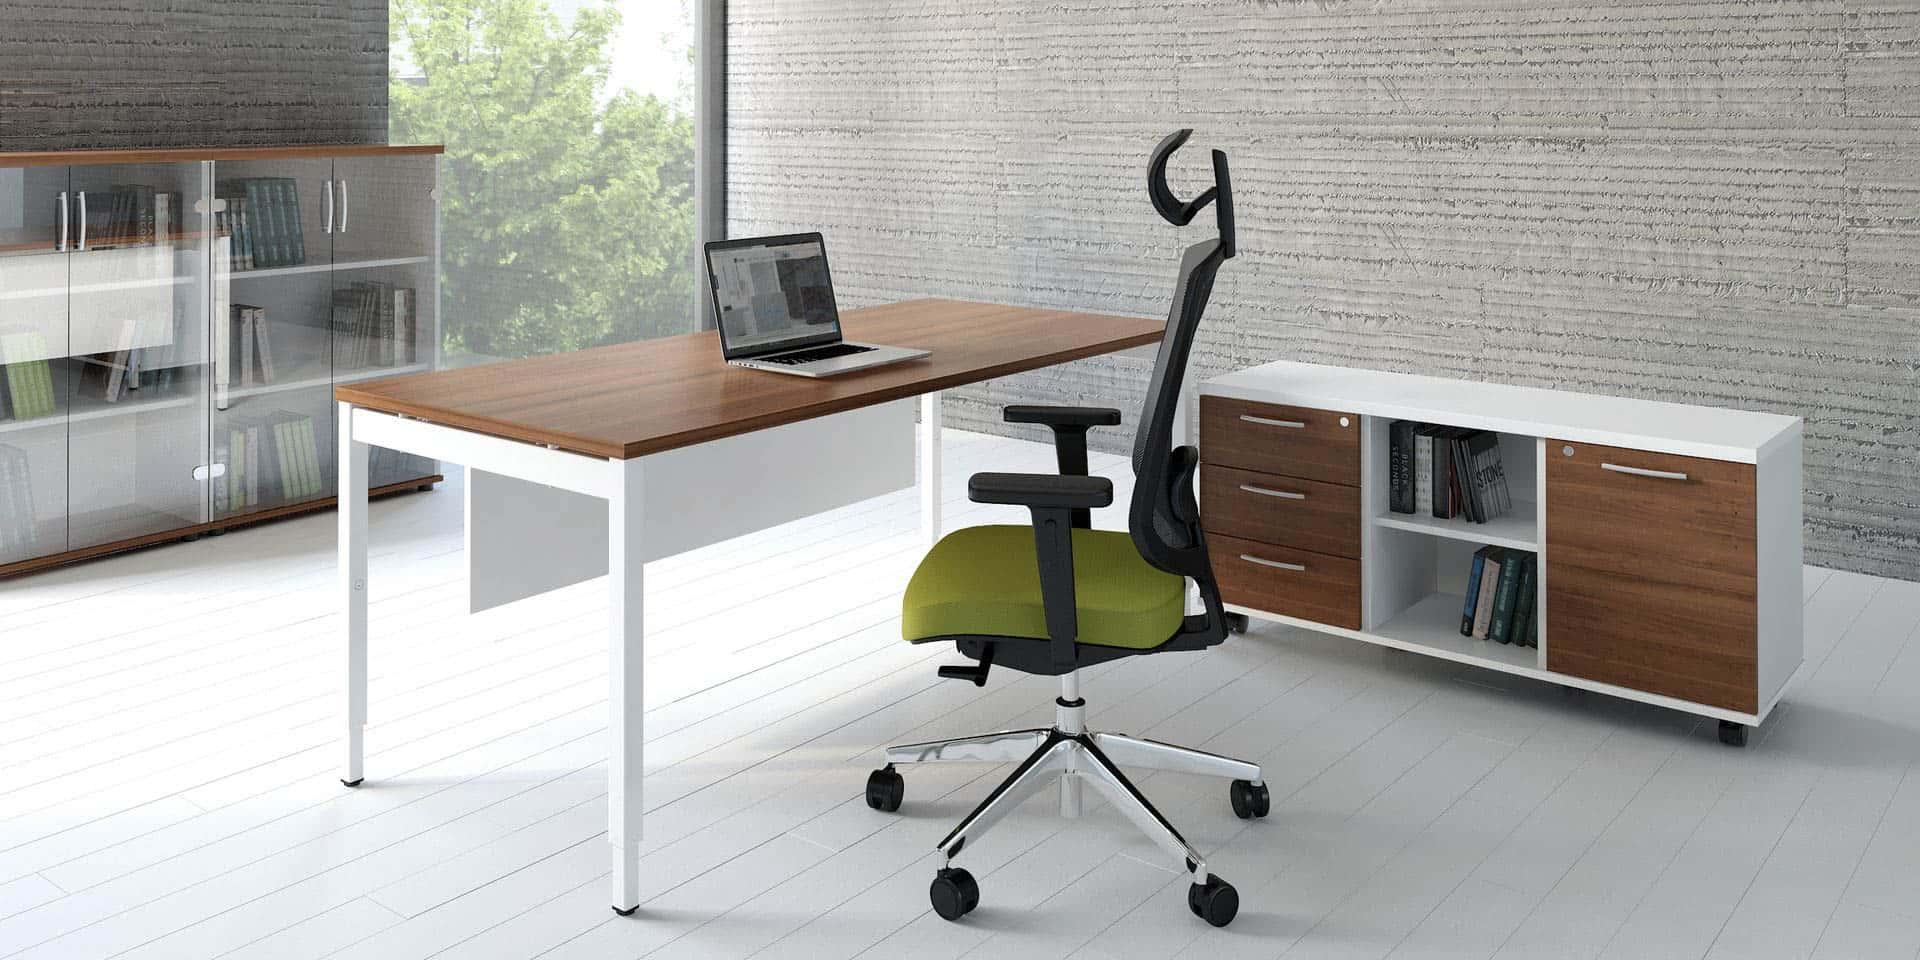 Bureau Plan De Travail bureau - poste de travail - mobilier pour bureaux et